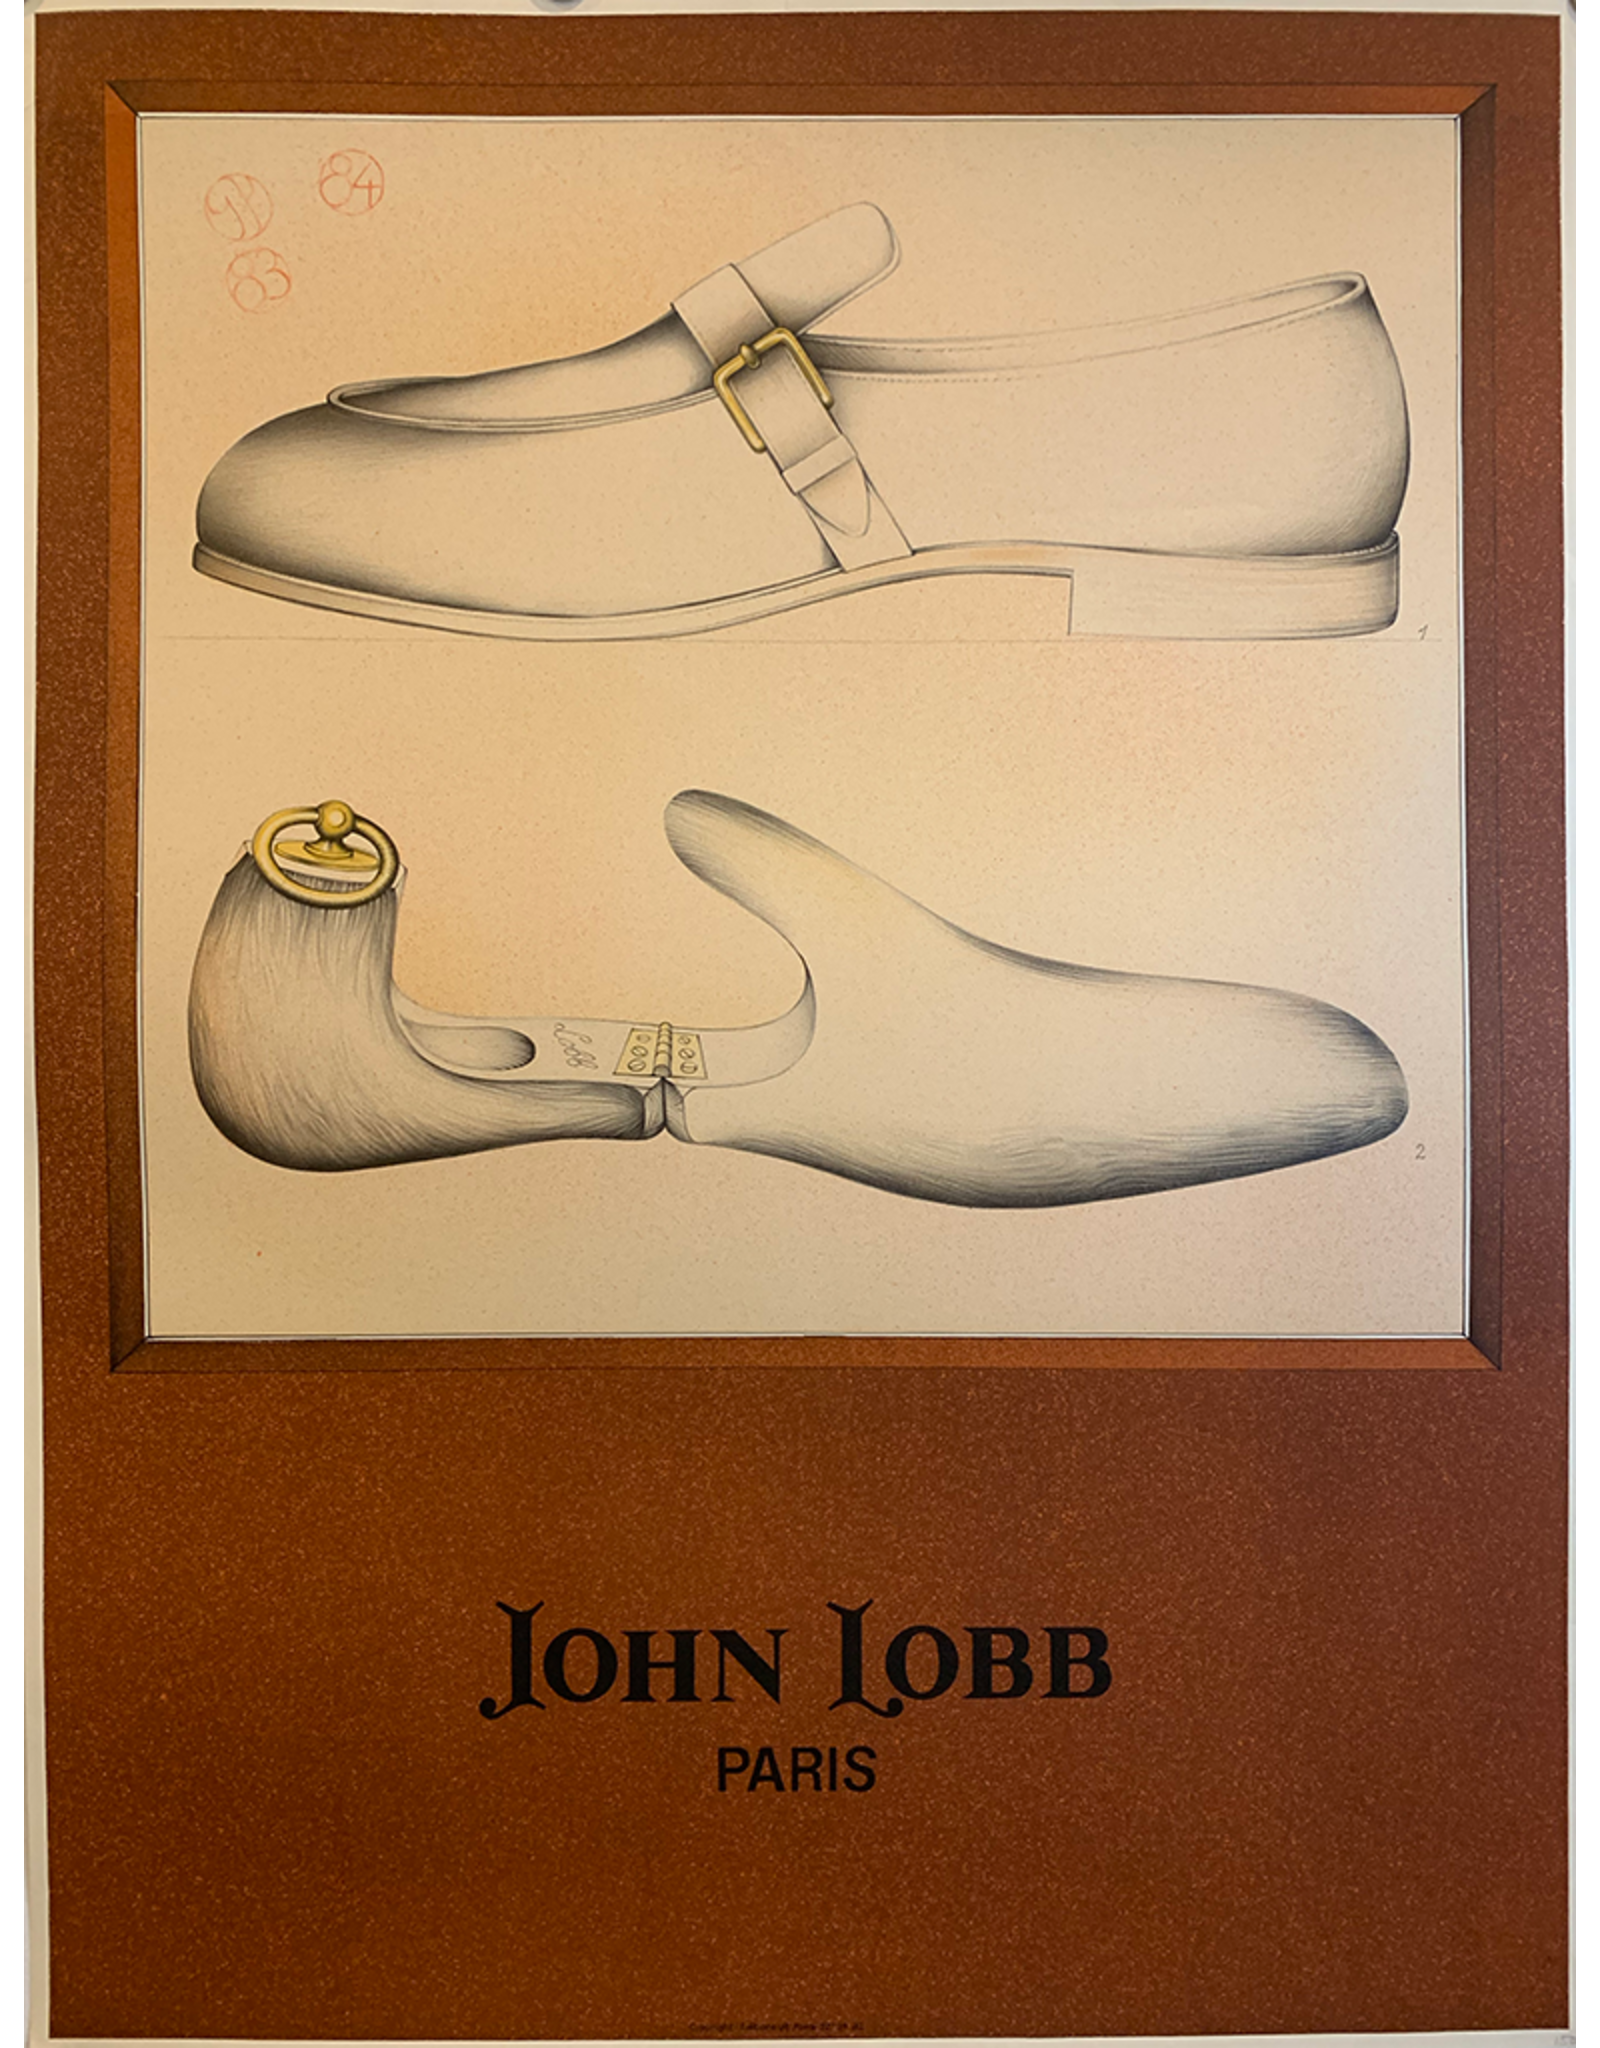 SPV John Lobb